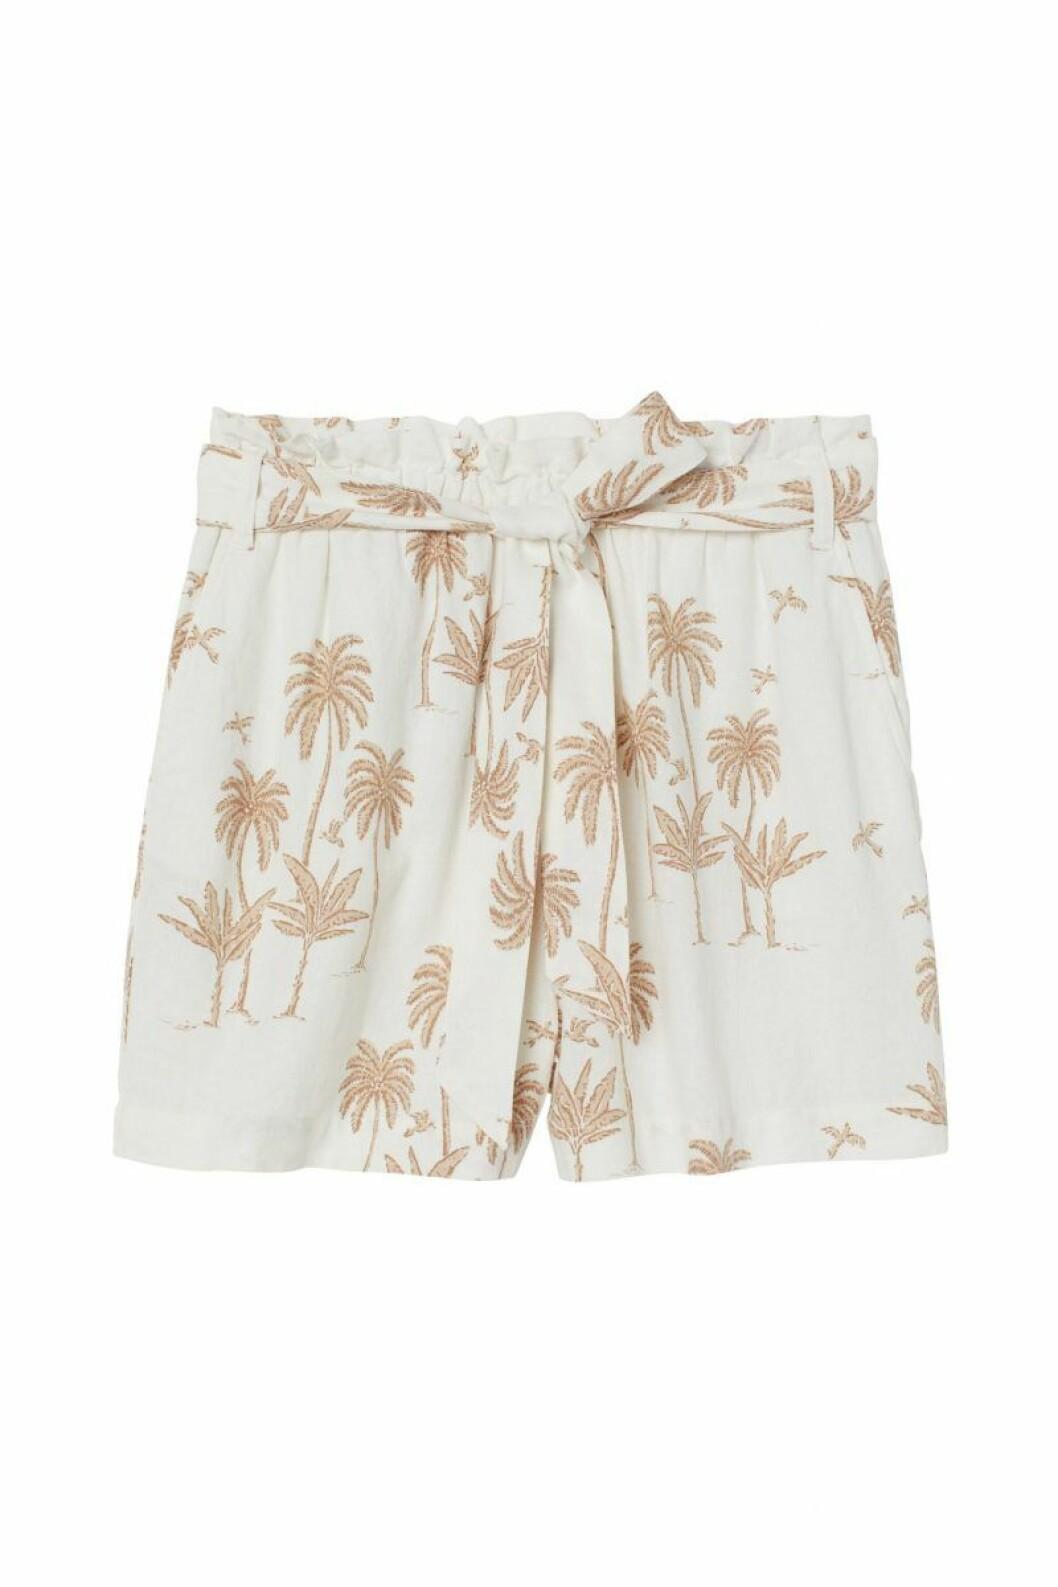 H&M x Desmond & Dempsey sommarkollektion 2020: ljus shorts